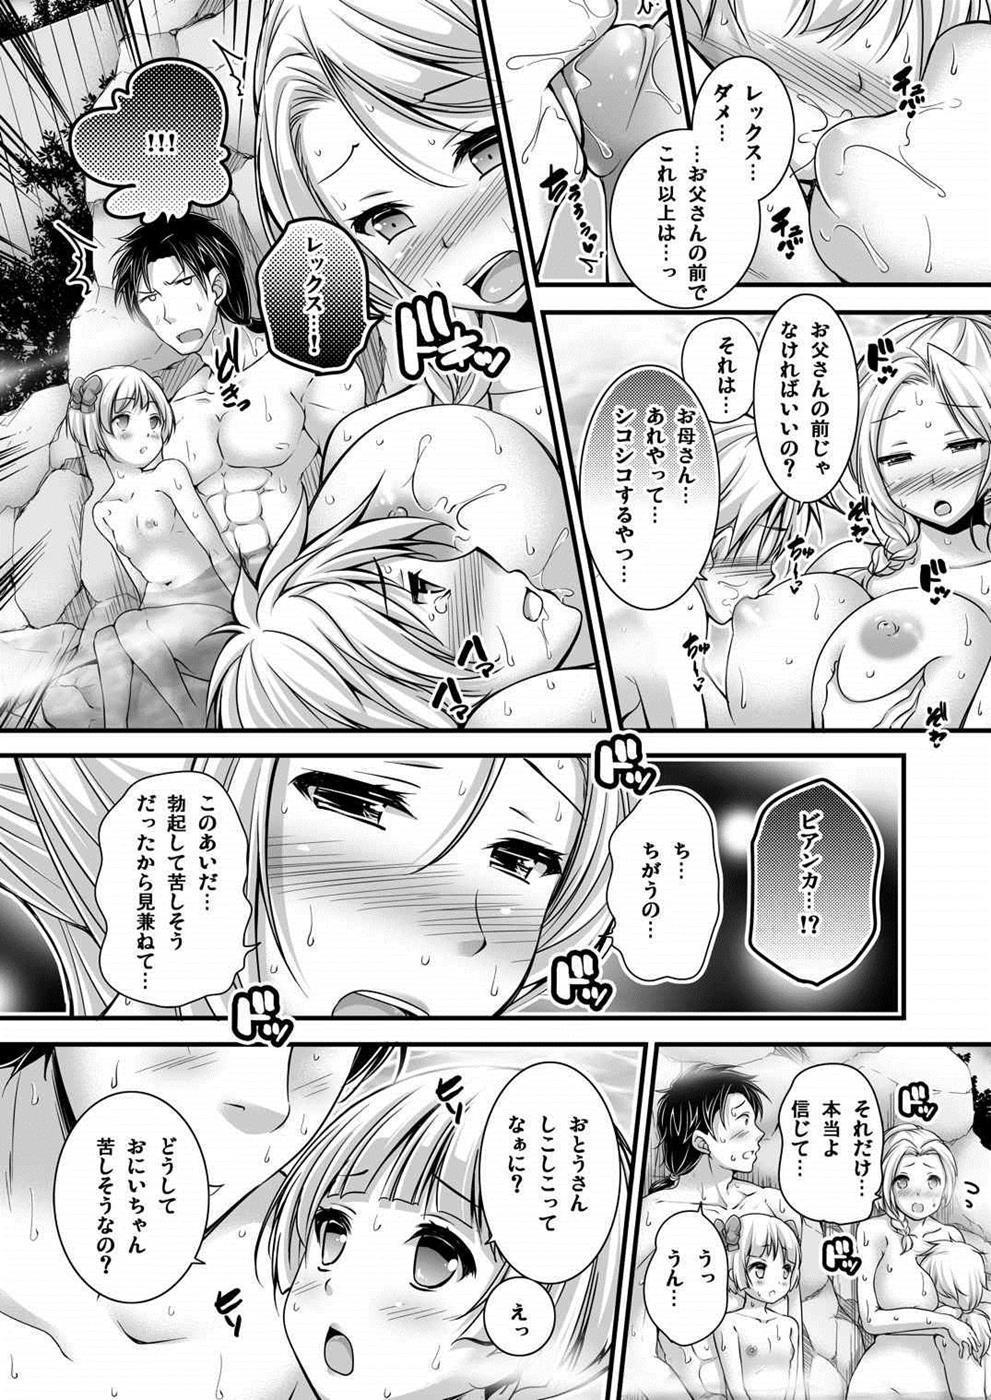 Tenkuu no Konyoku Monogatari 6